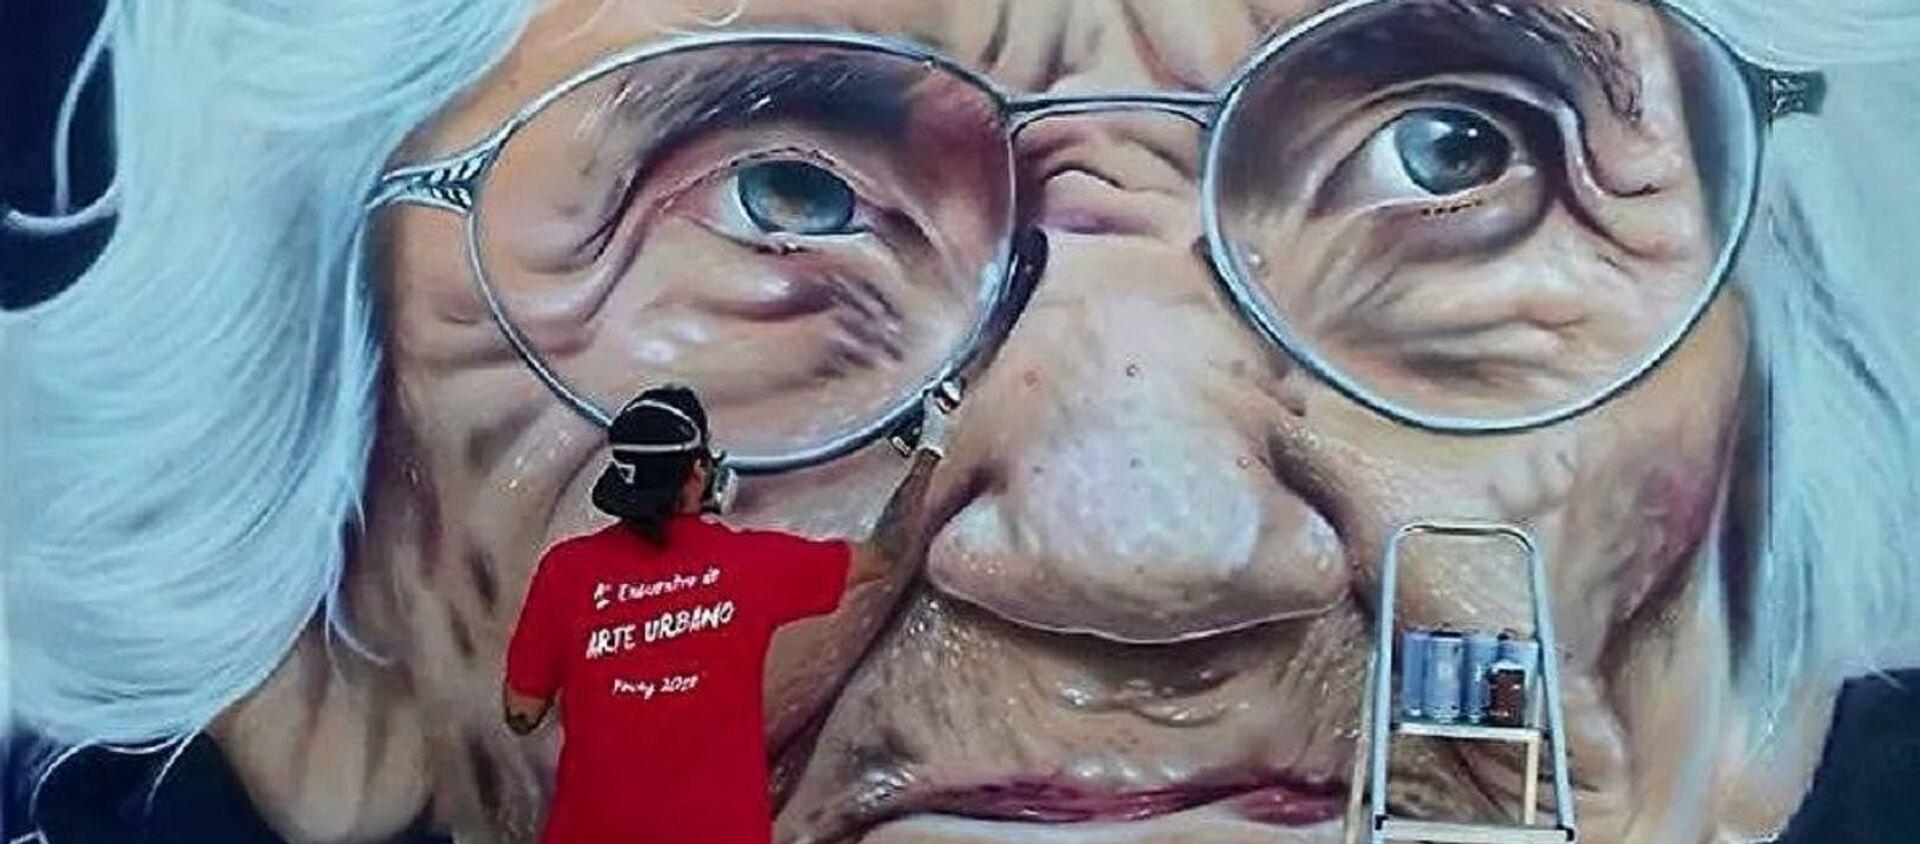 Mural de la activista por los DDHH Luisa Cuesta en Uruguay pintado por José Gallino - Sputnik Mundo, 1920, 10.12.2020